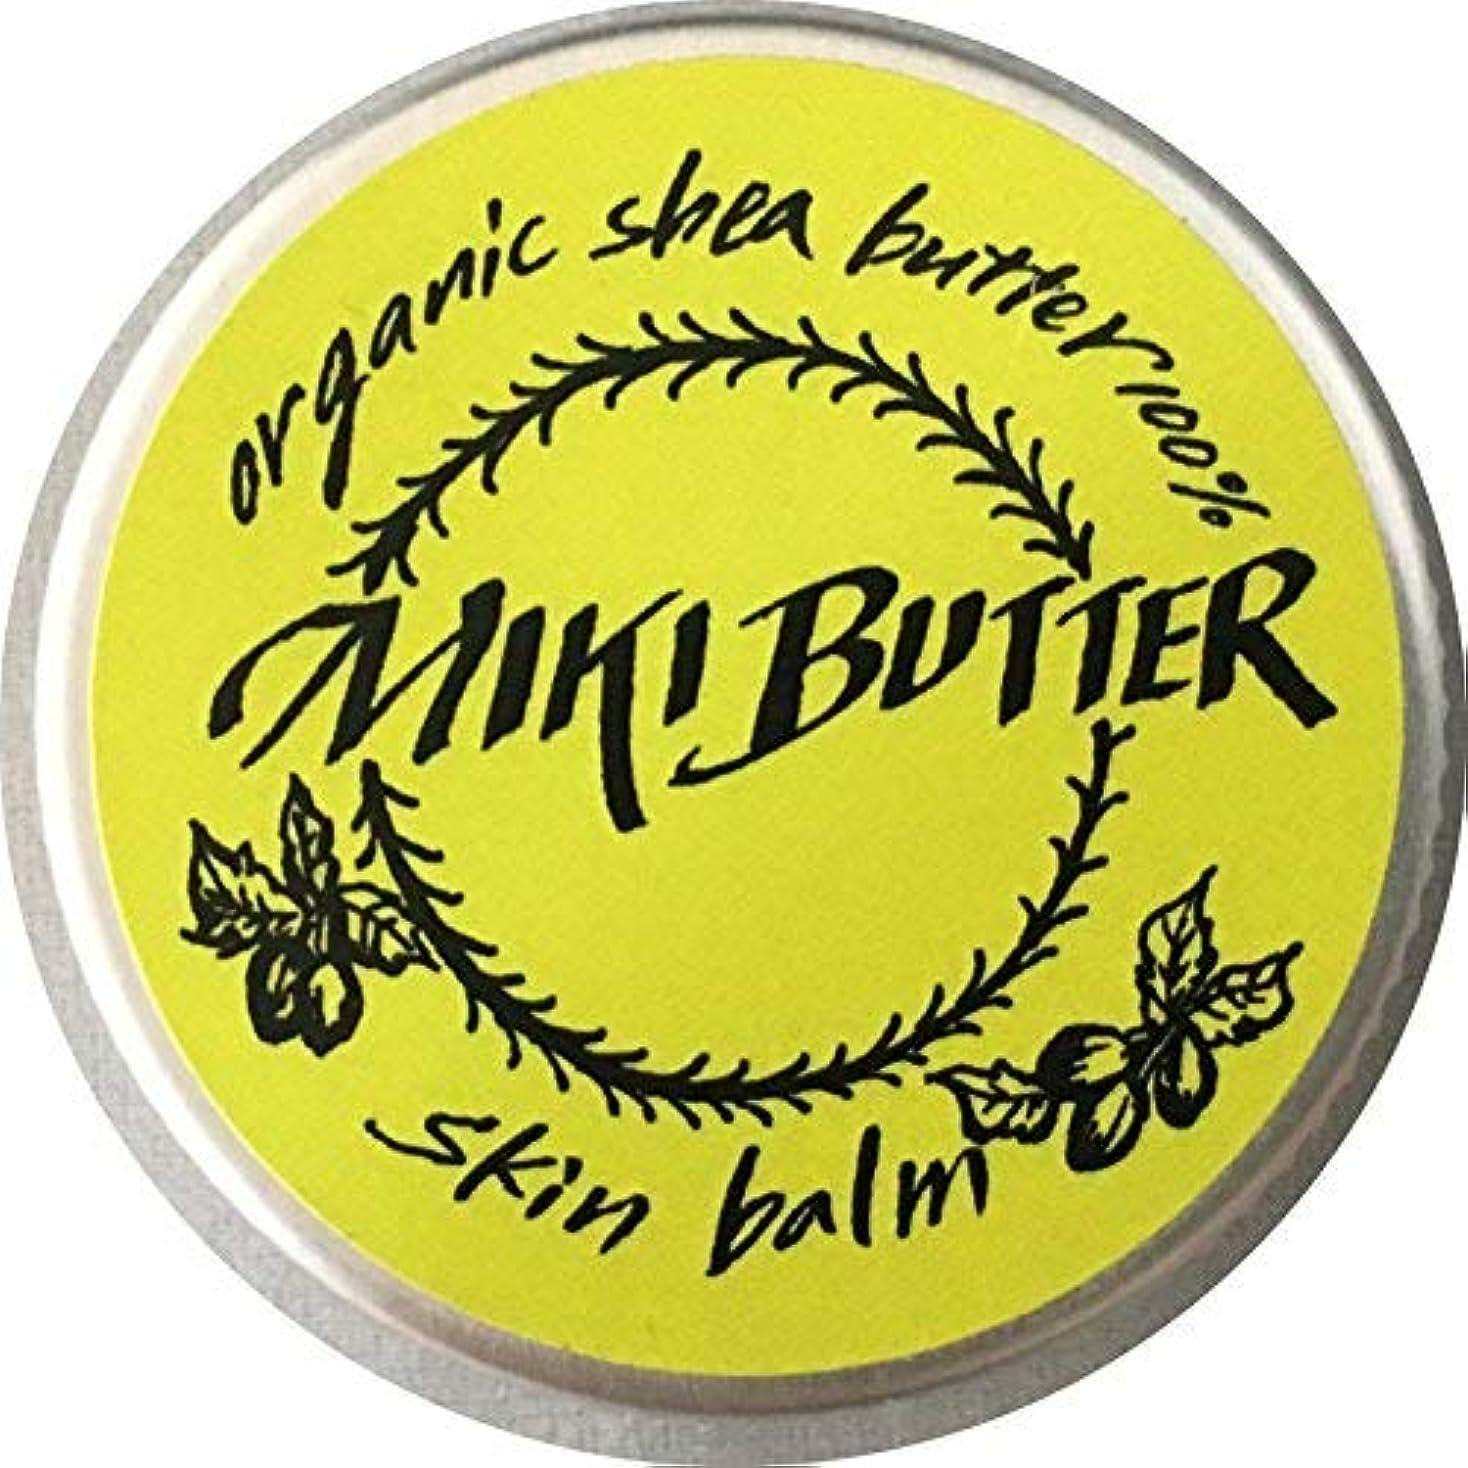 差別的おんどり余剰100% 天然 未精製シアバター ミキバター (パール柑, 45)